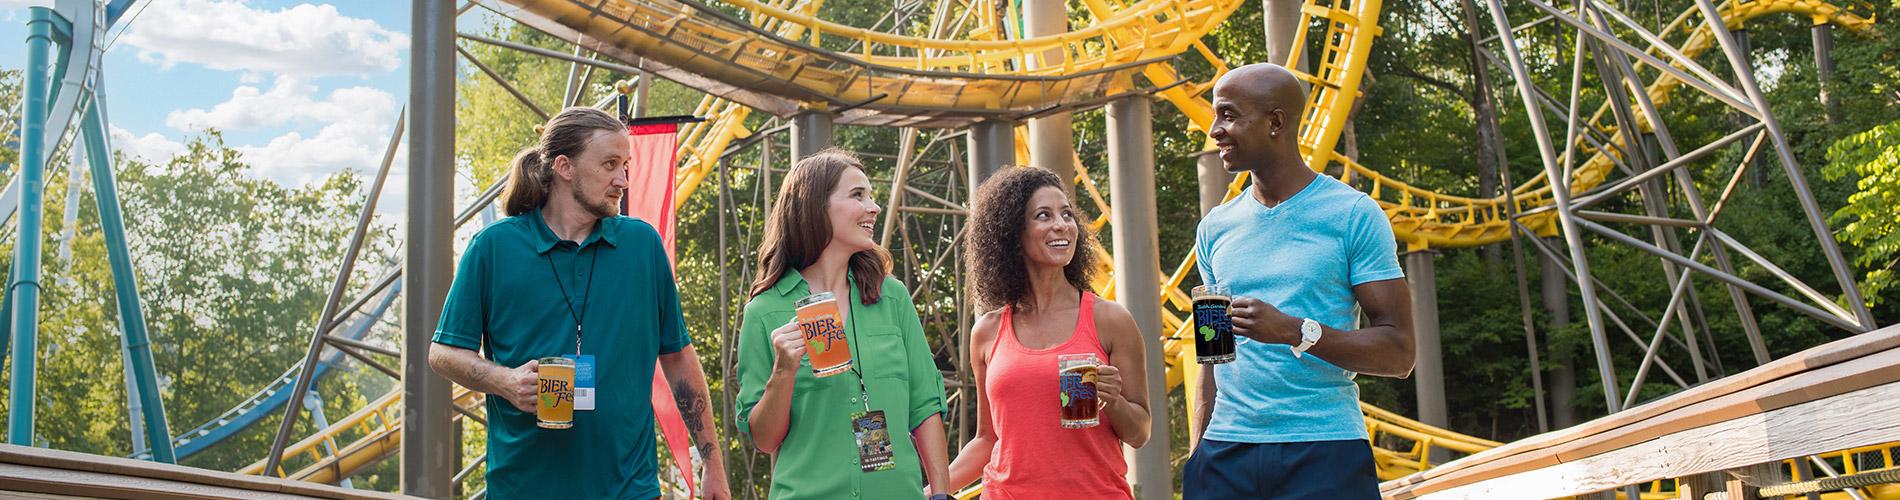 Guests at Busch Gardens' Bier Fest event